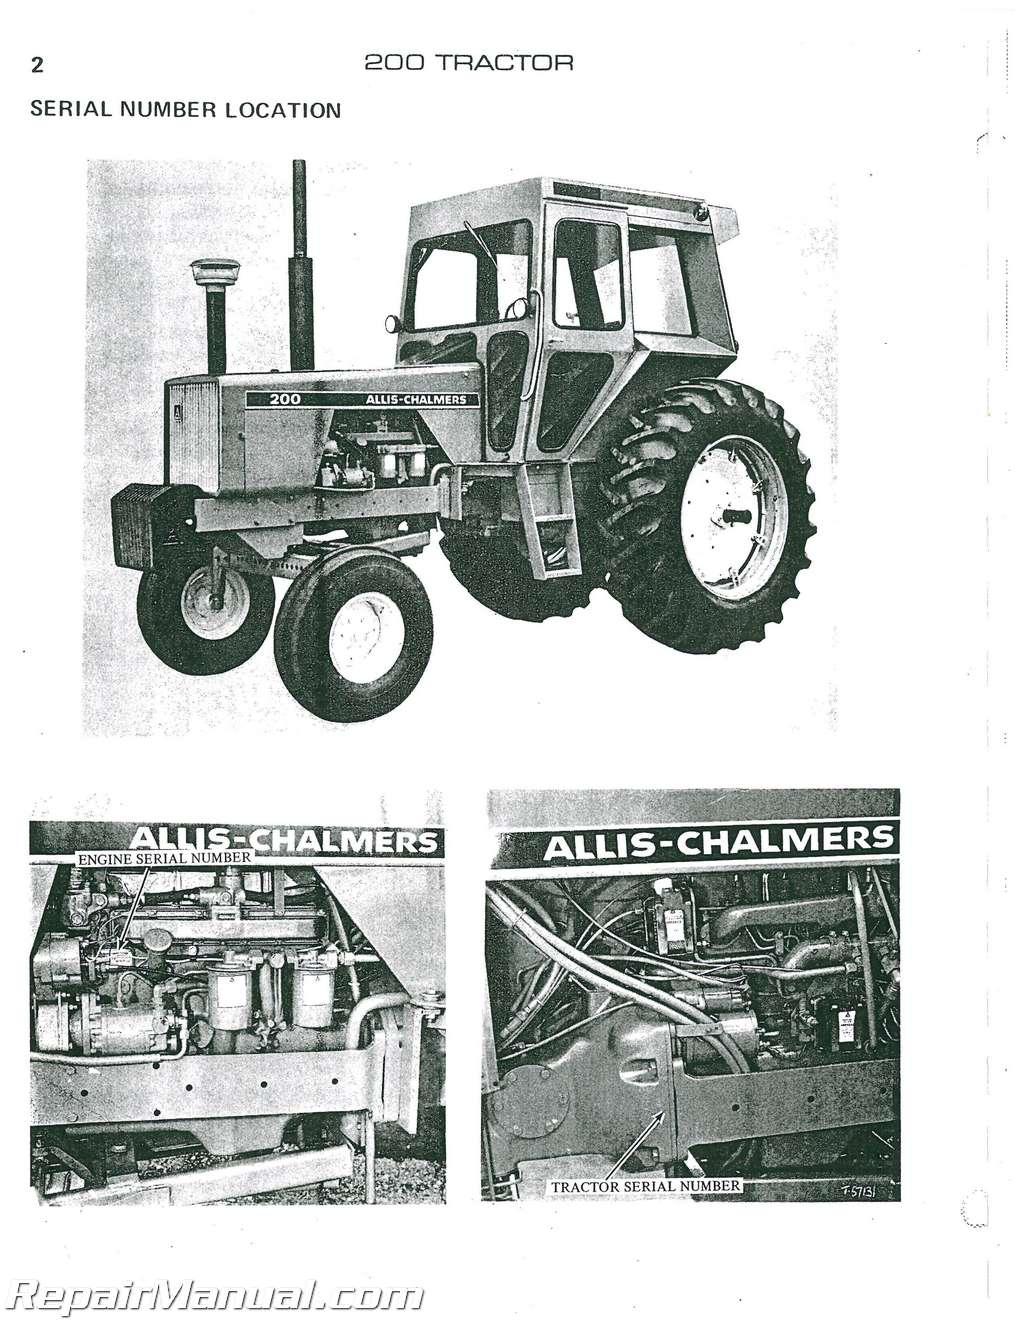 allis chalmers 200 diesel parts manual